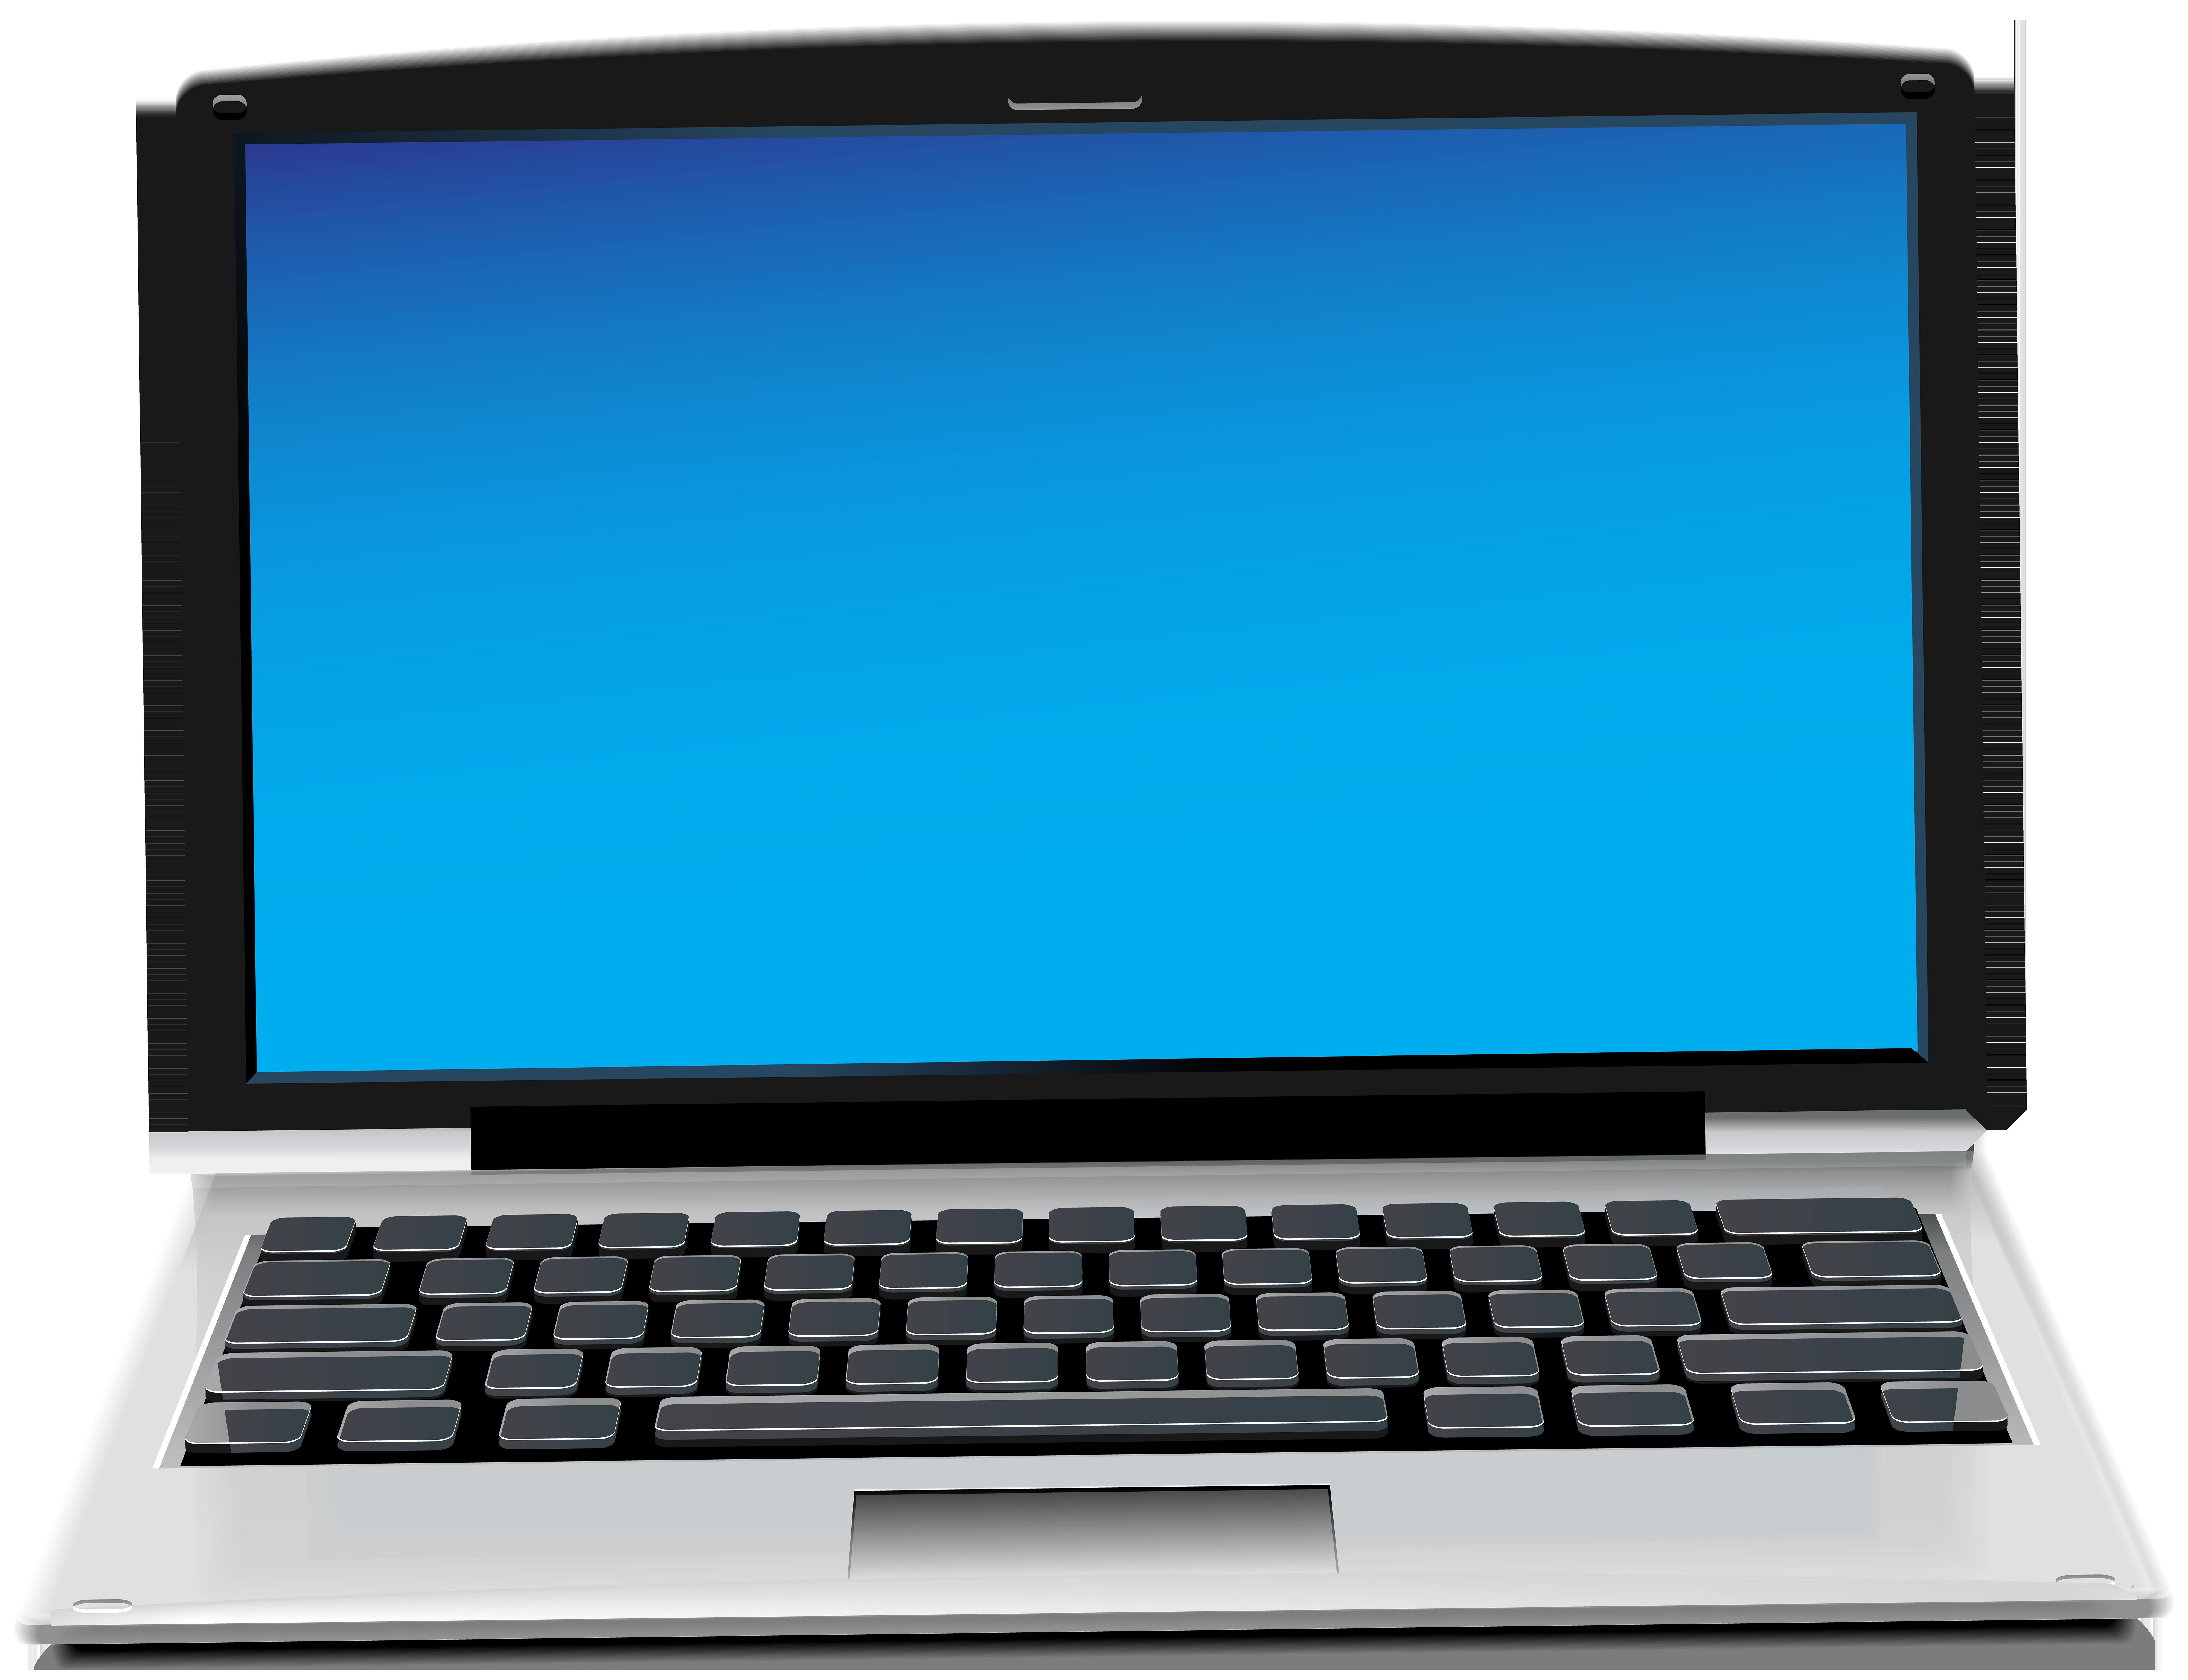 Laptop PNG Clip Art Image.